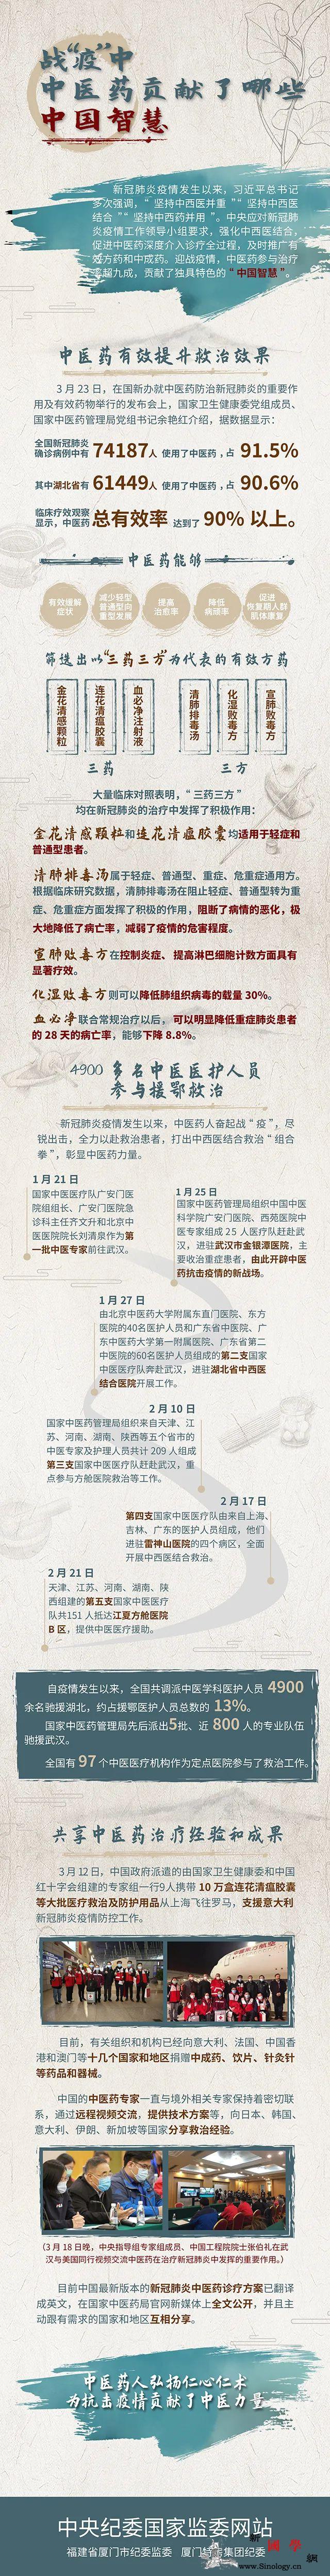 """中医药在战""""疫""""中贡献了哪些中国智慧_厦门市-画中画-广告-"""